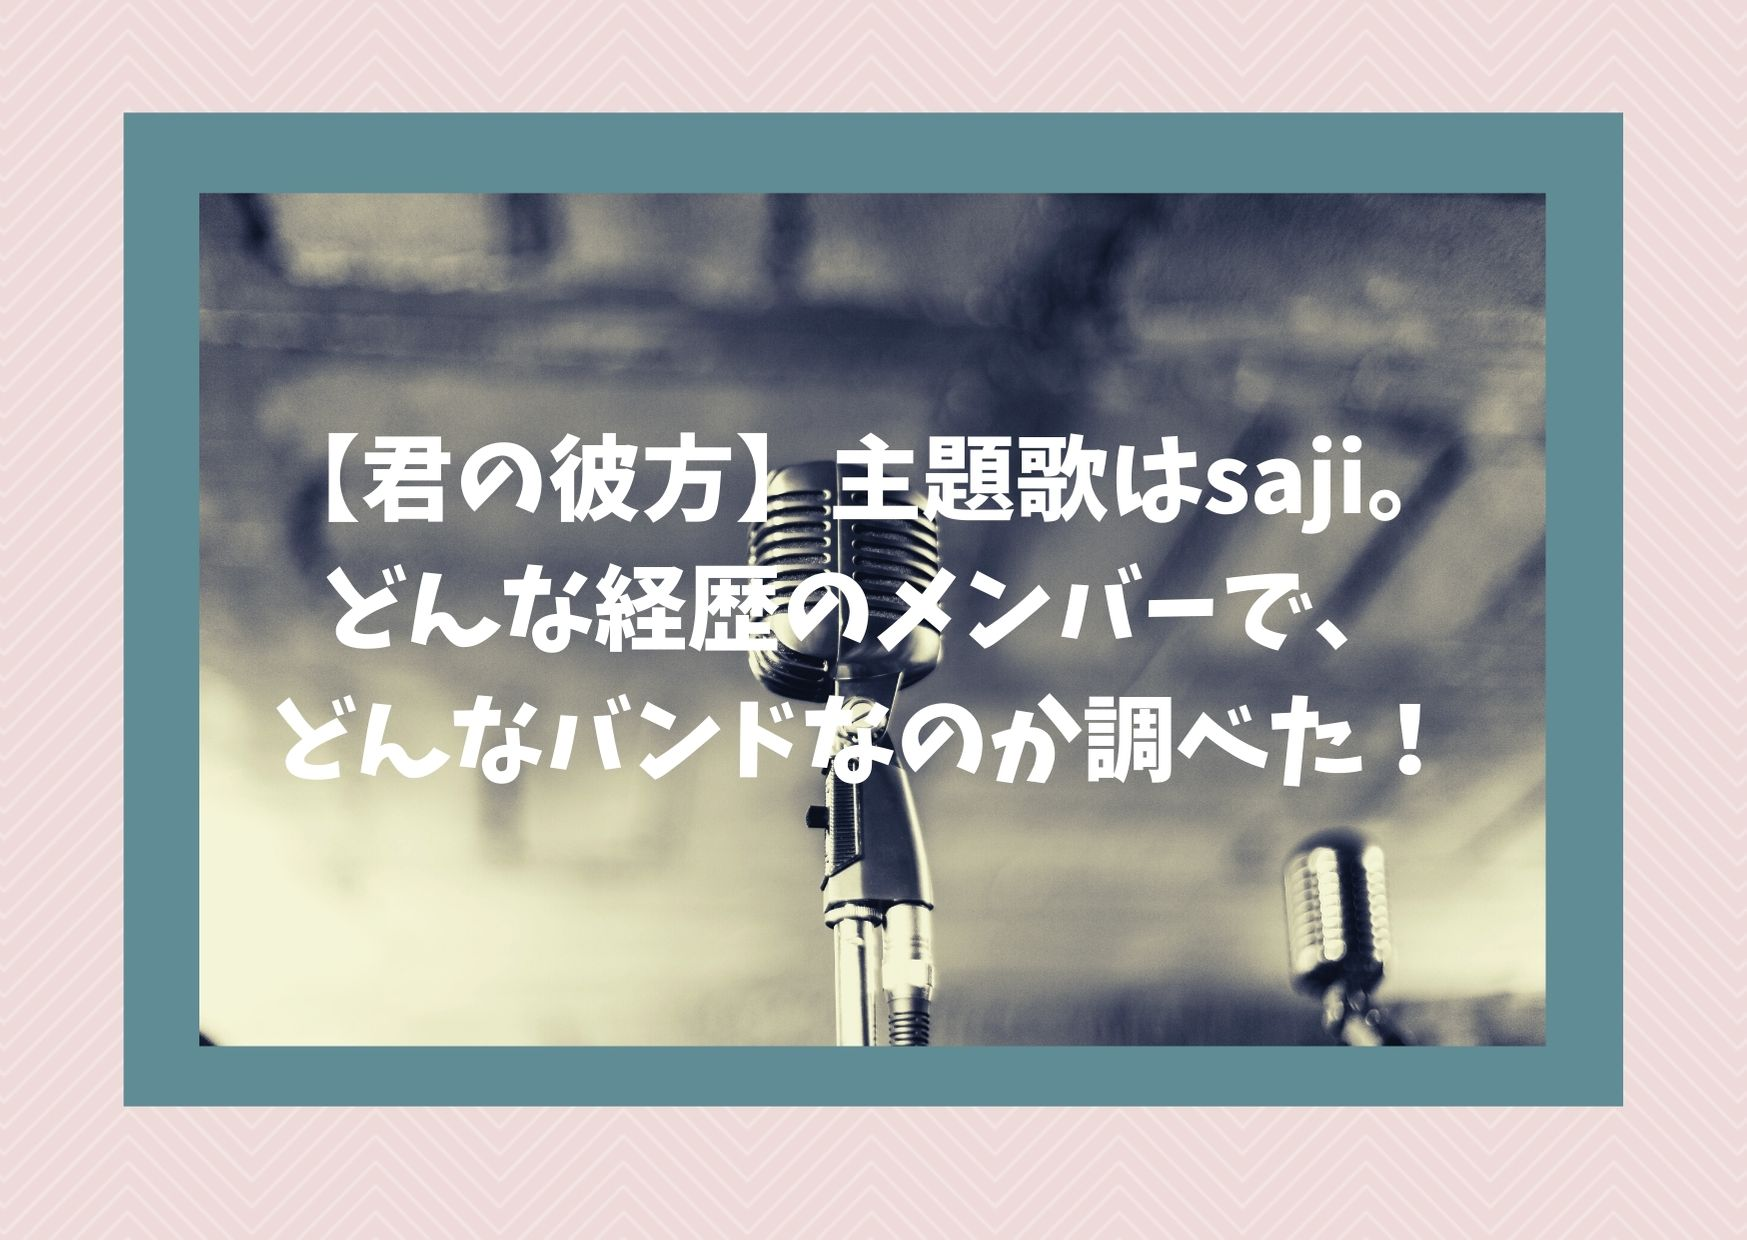 【君の彼方】主題歌はsaji。どんな経歴のメンバーで、どんなバンドなのか調べた!